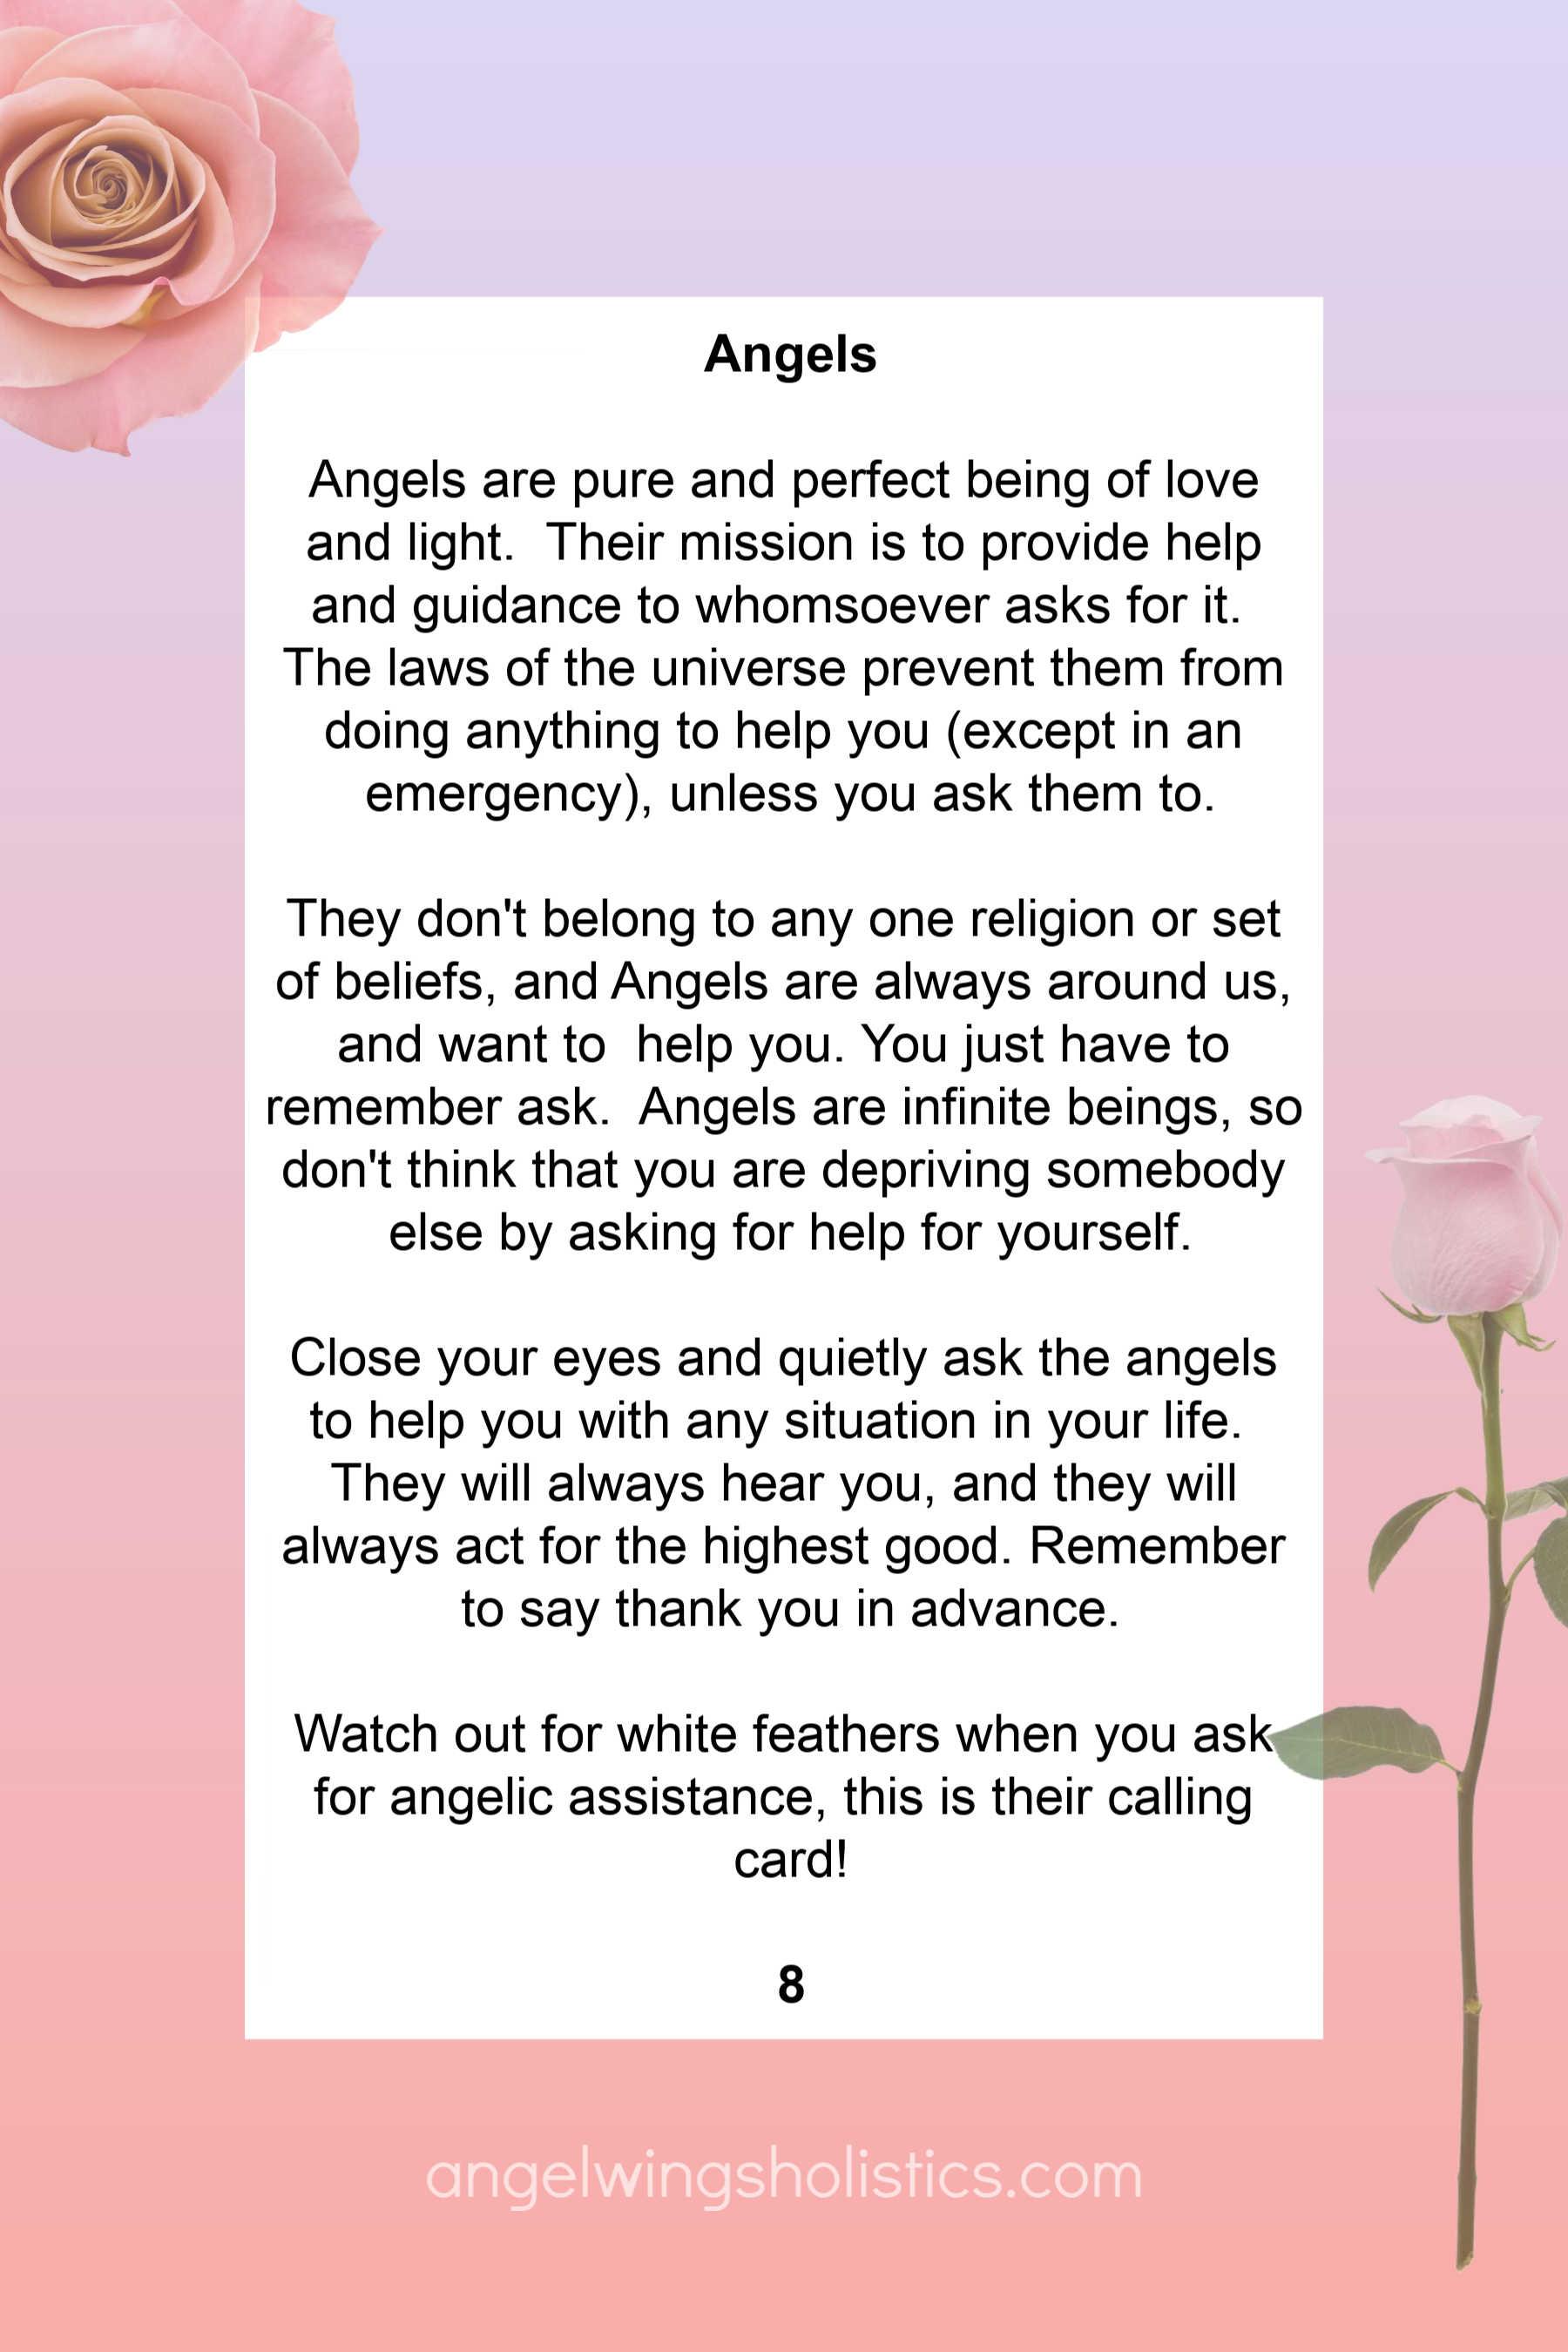 8-angels.jpg